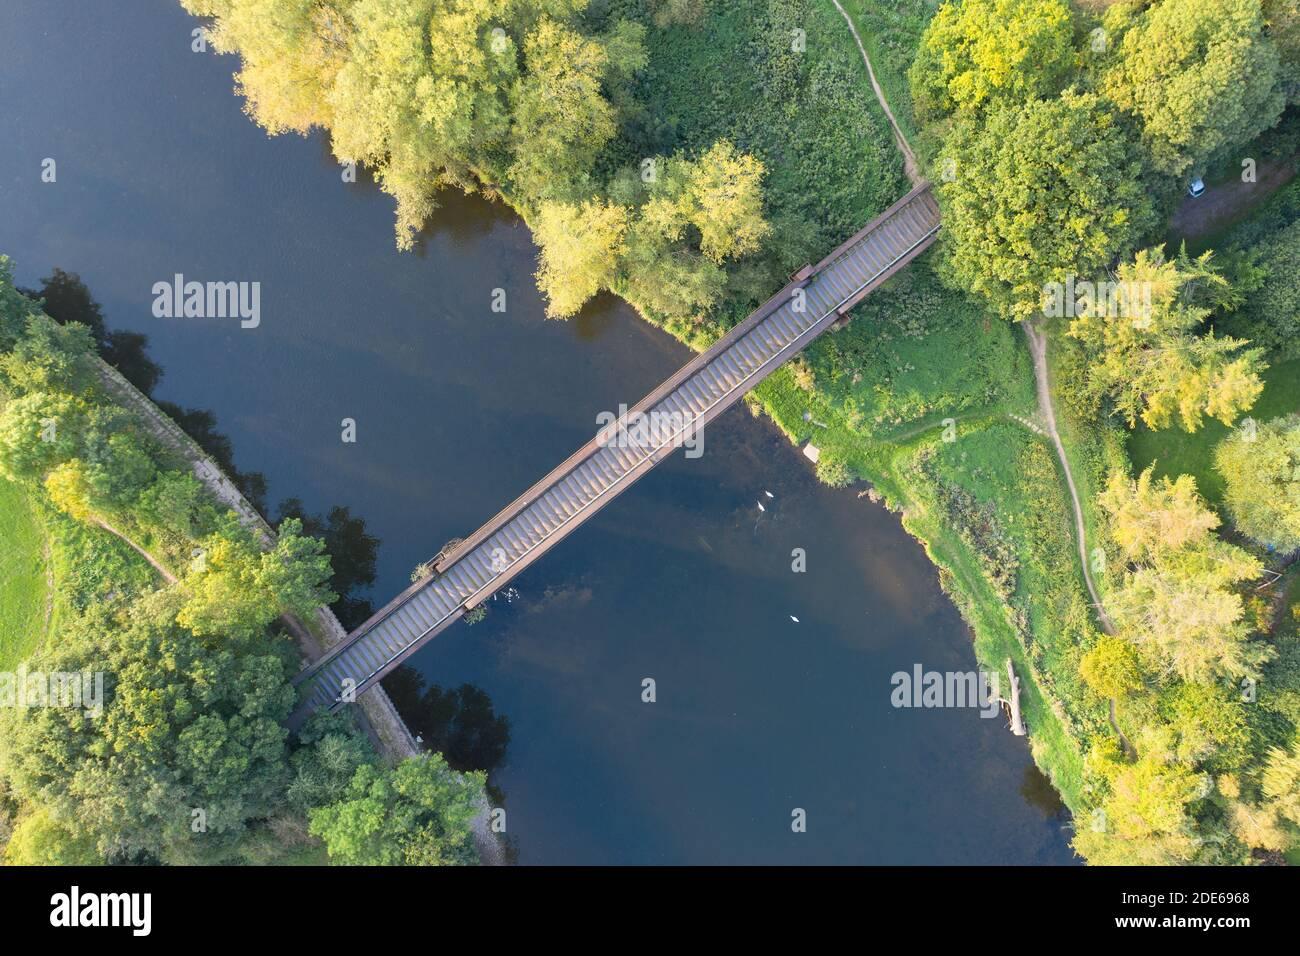 Monmouth Viaduct eine alte veraltete Eisenbahnbrücke über den Fluss Wye in Monmouthshire Wales. Stockfoto